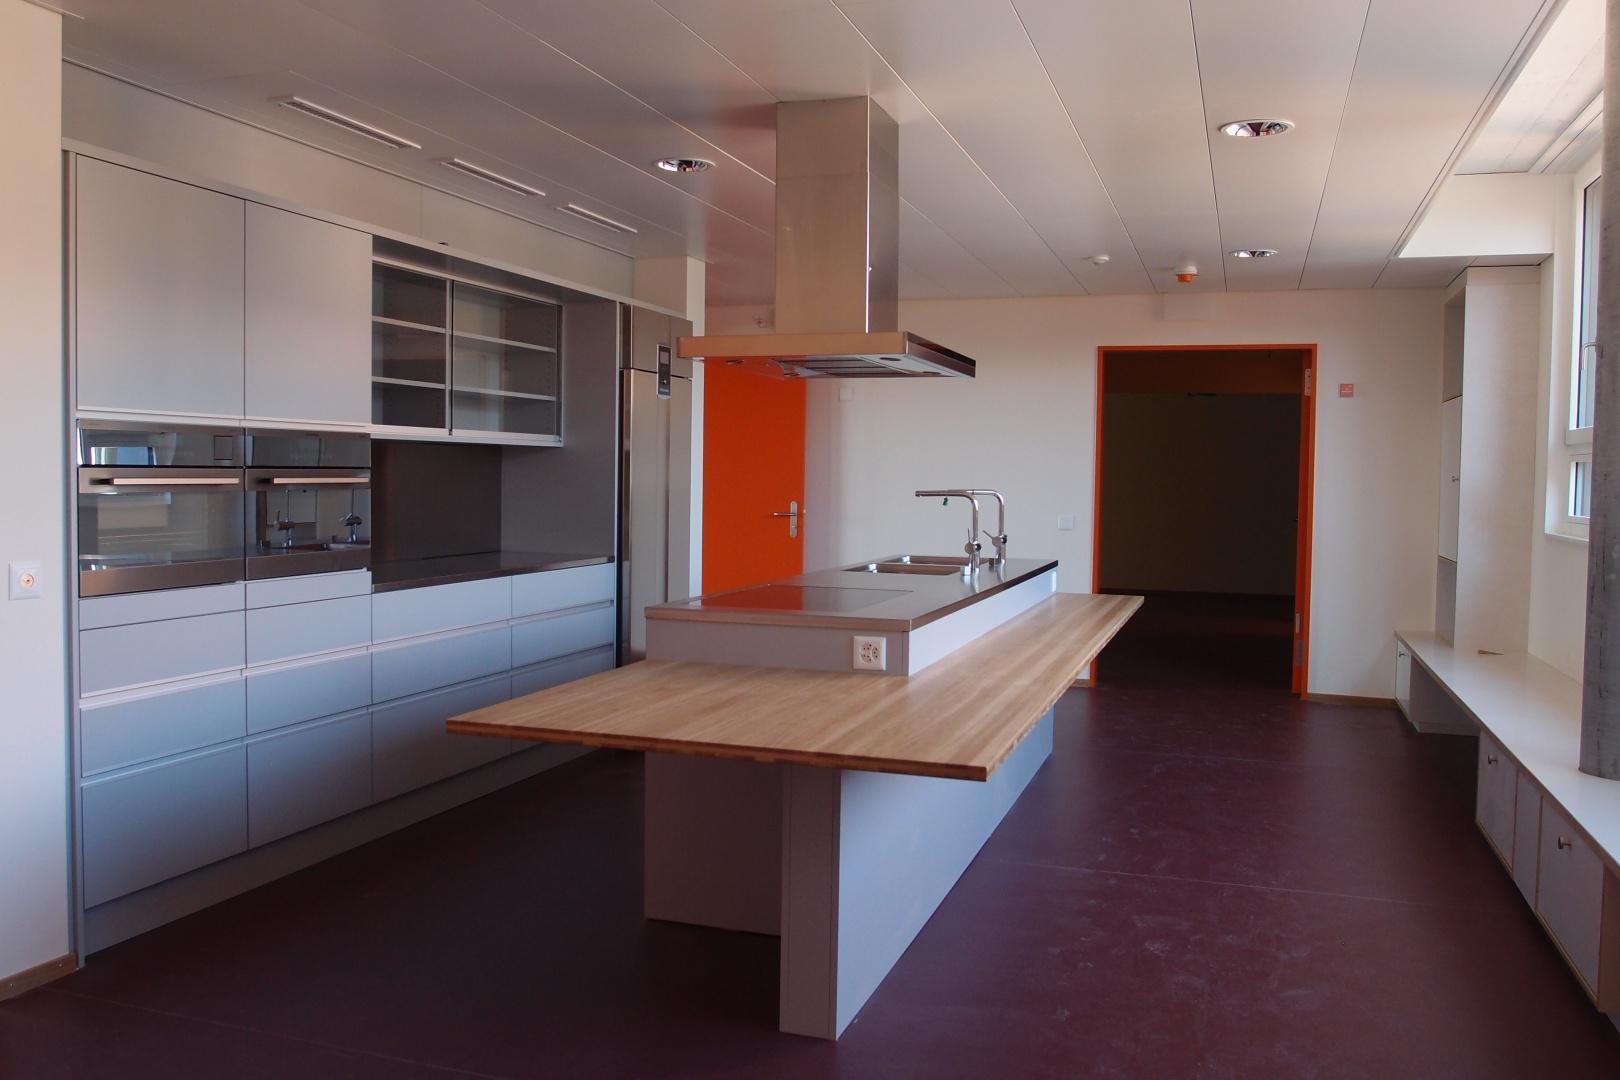 Küche © wwb architekten ag